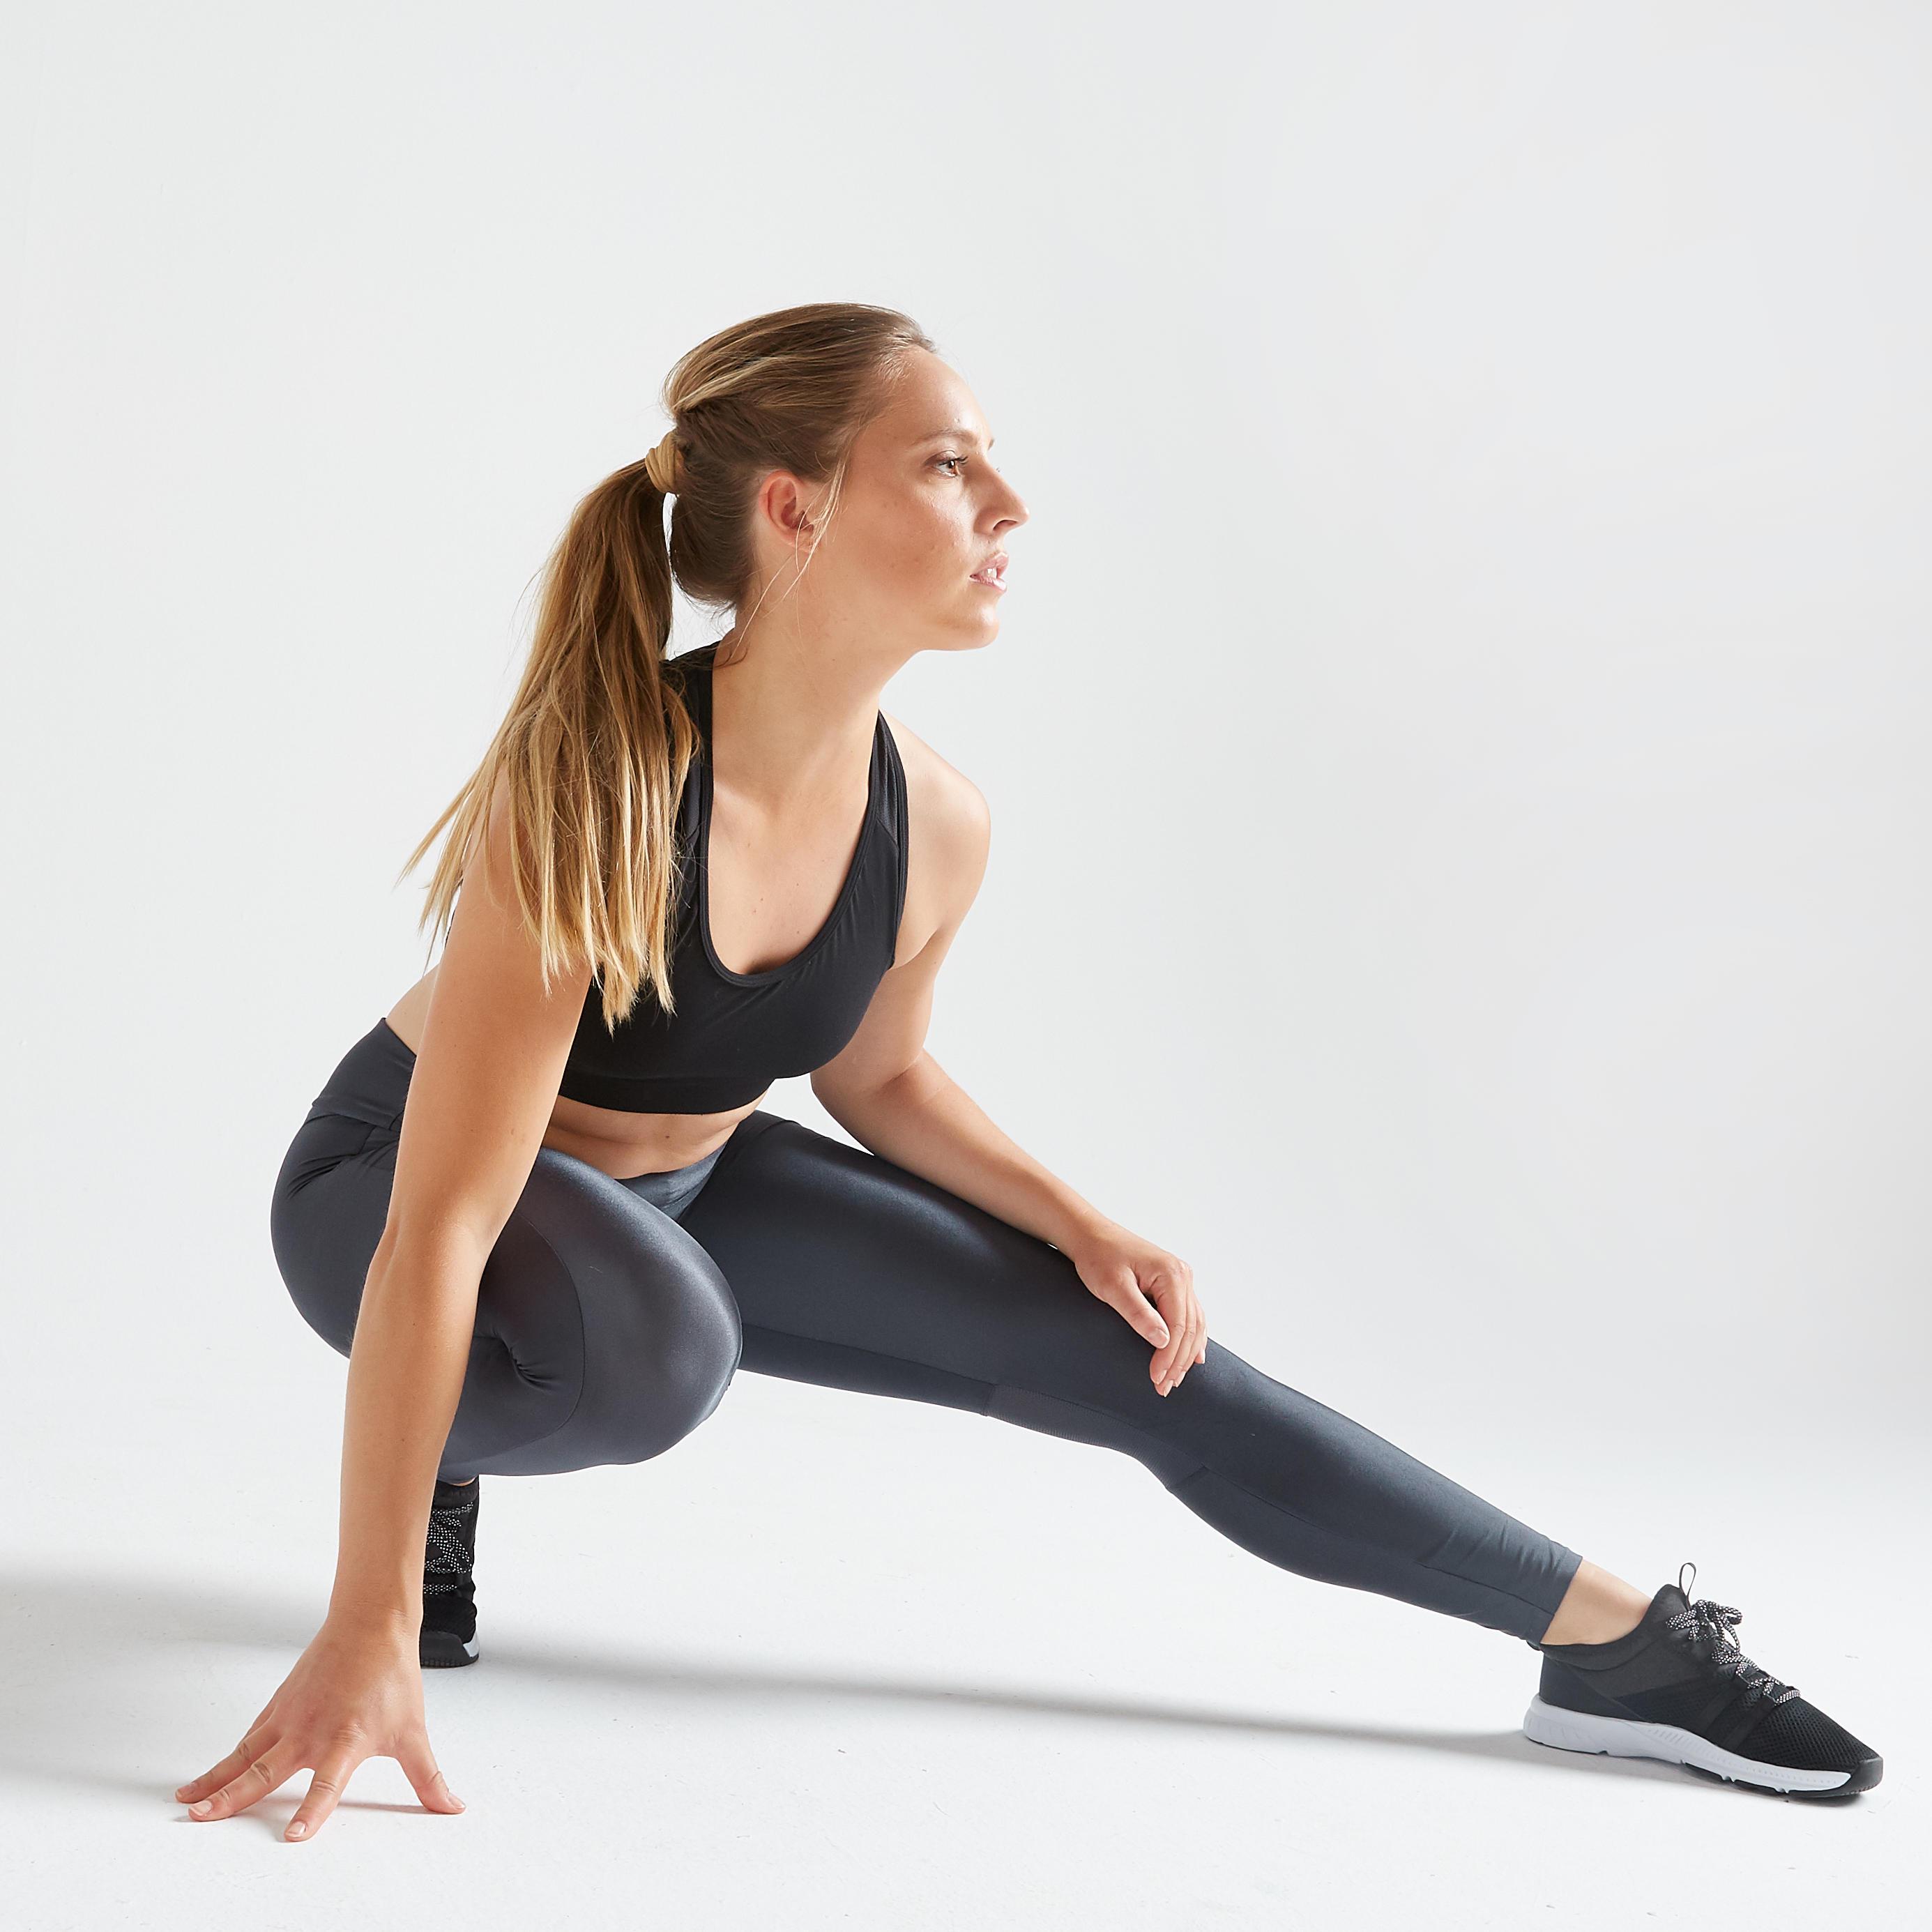 meilleur endroit économies fantastiques promotion spéciale Legging fitness cardio training femme bleu 120